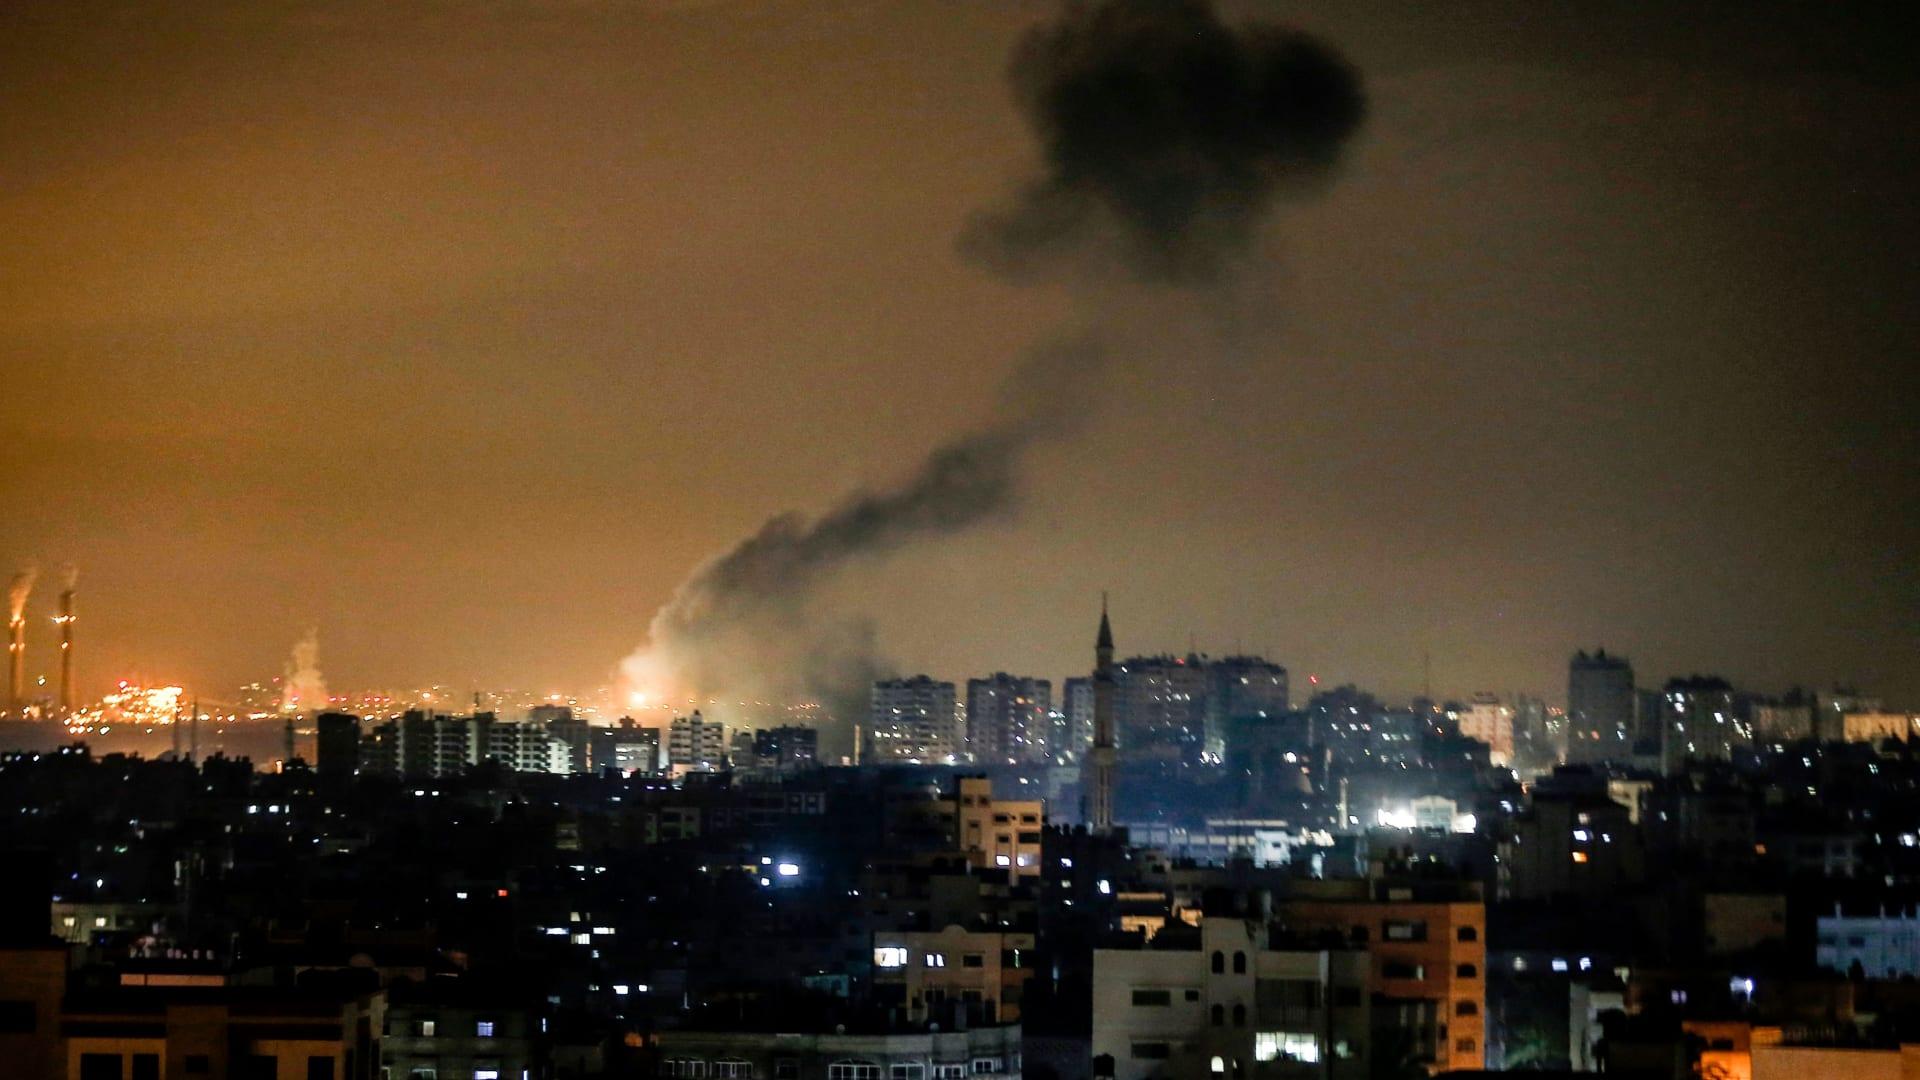 غارات جوية على غزة.. والجيش الإسرائيلي: قصفنا مجمعًا عسكريًا ومصنع أسلحة لحماس